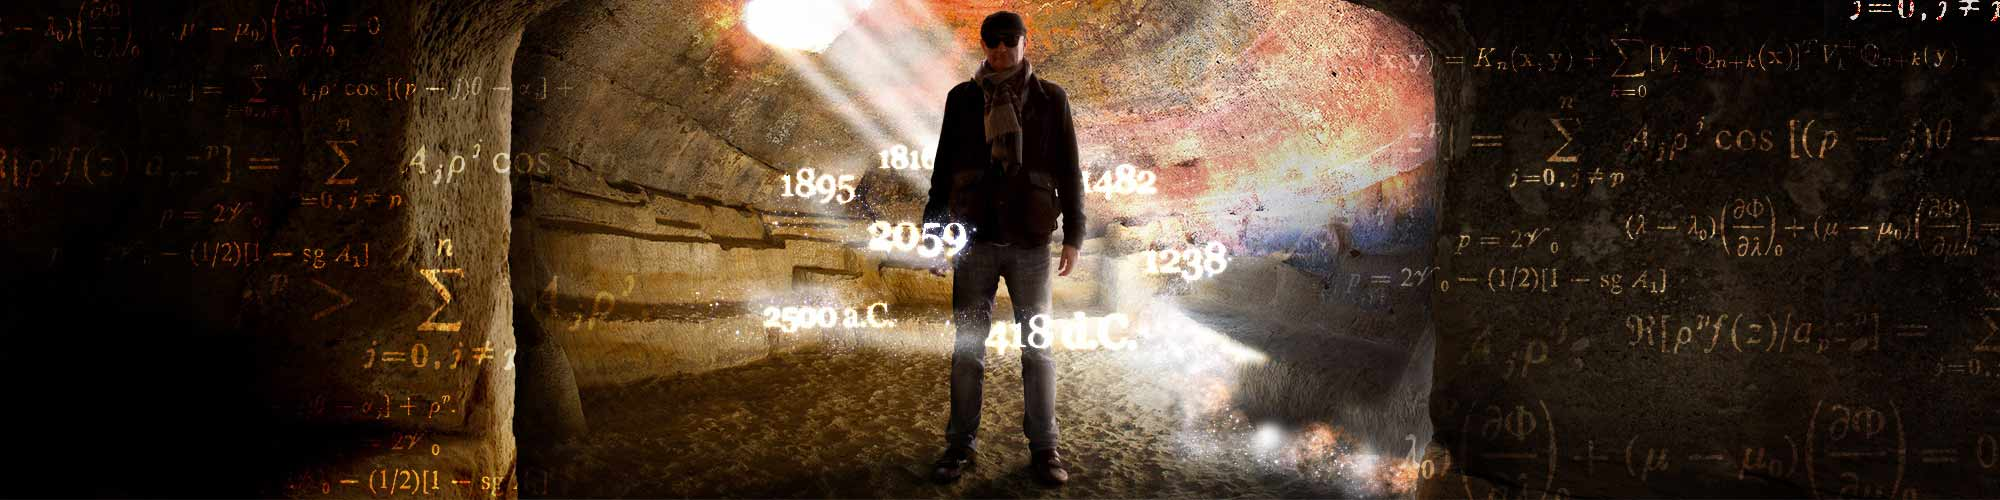 Granada - ¿es posible viajar en el Tiempo?